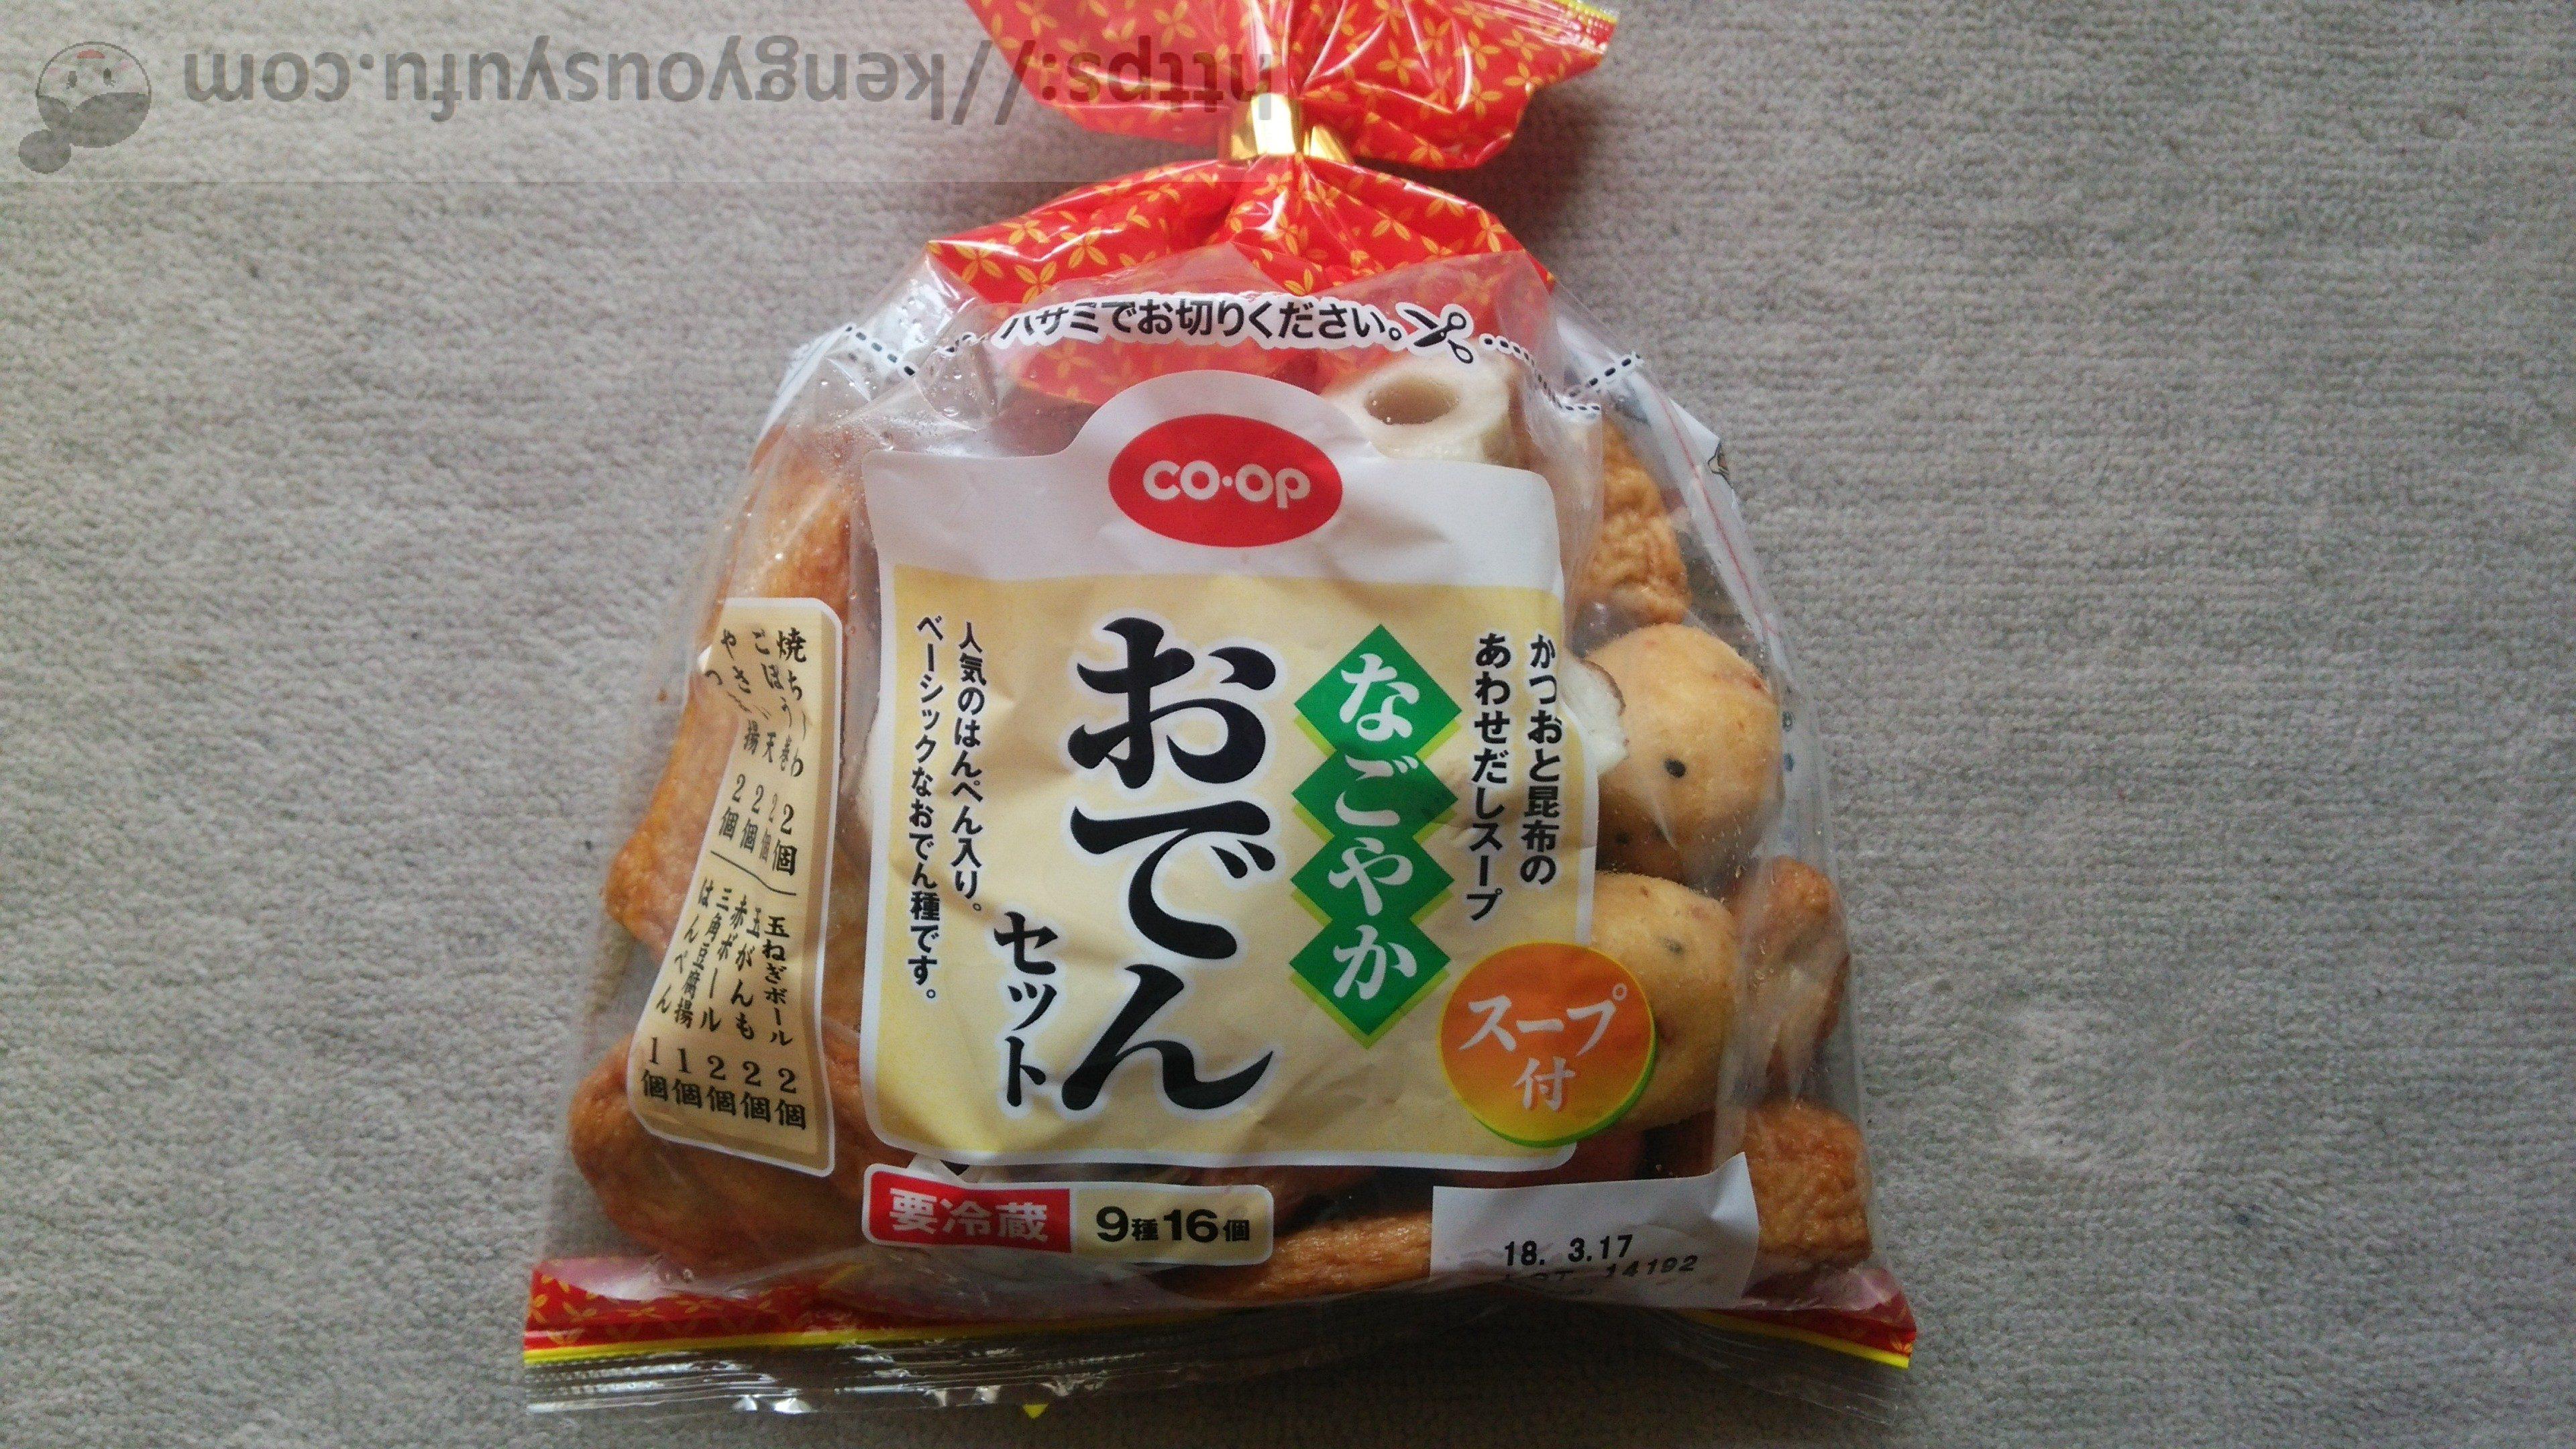 食材宅配コープデリで買った「なごやかおでんセット(かね貞)」をお試ししてみました!